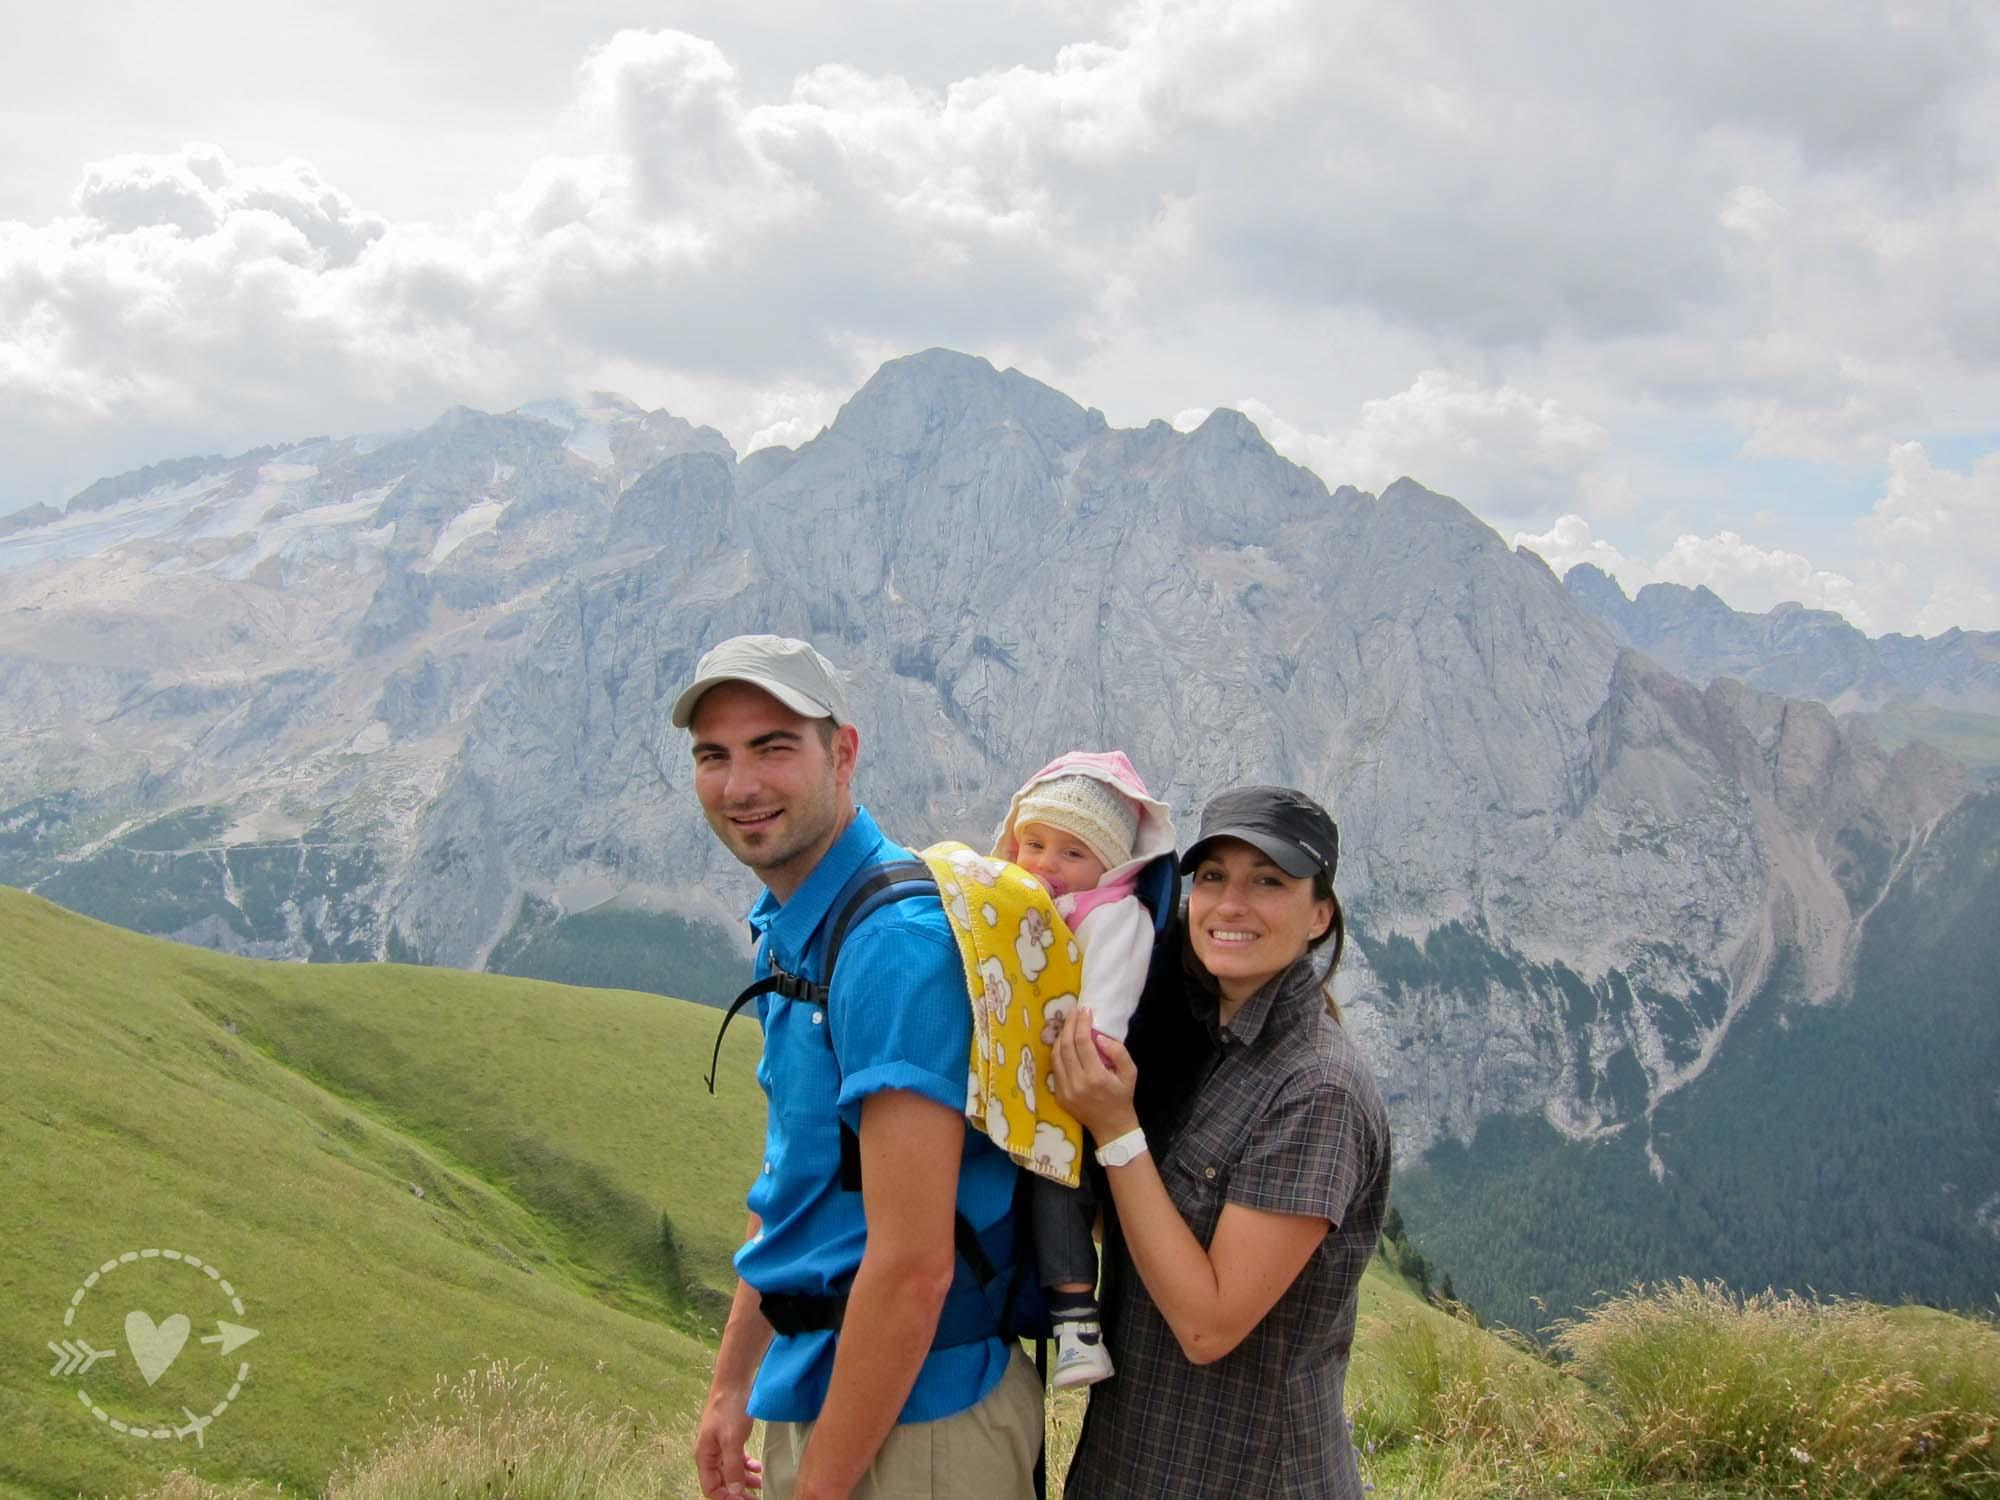 Escursione in Val di Fassa: sentiero Vìel del Pan da Passo Pordoi